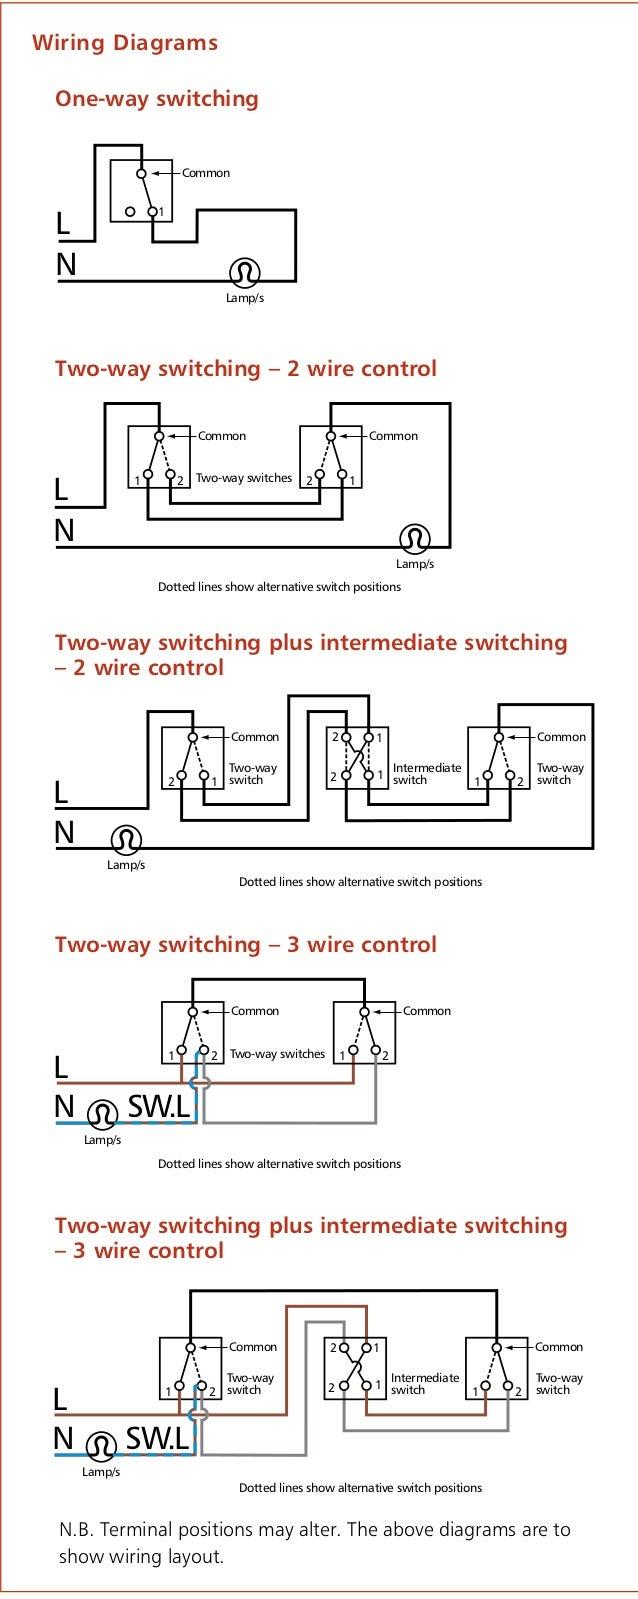 wiring diagrams 1 638?cb=1357272268 wiring diagrams wiring diagrams snow bear at virtualis.co